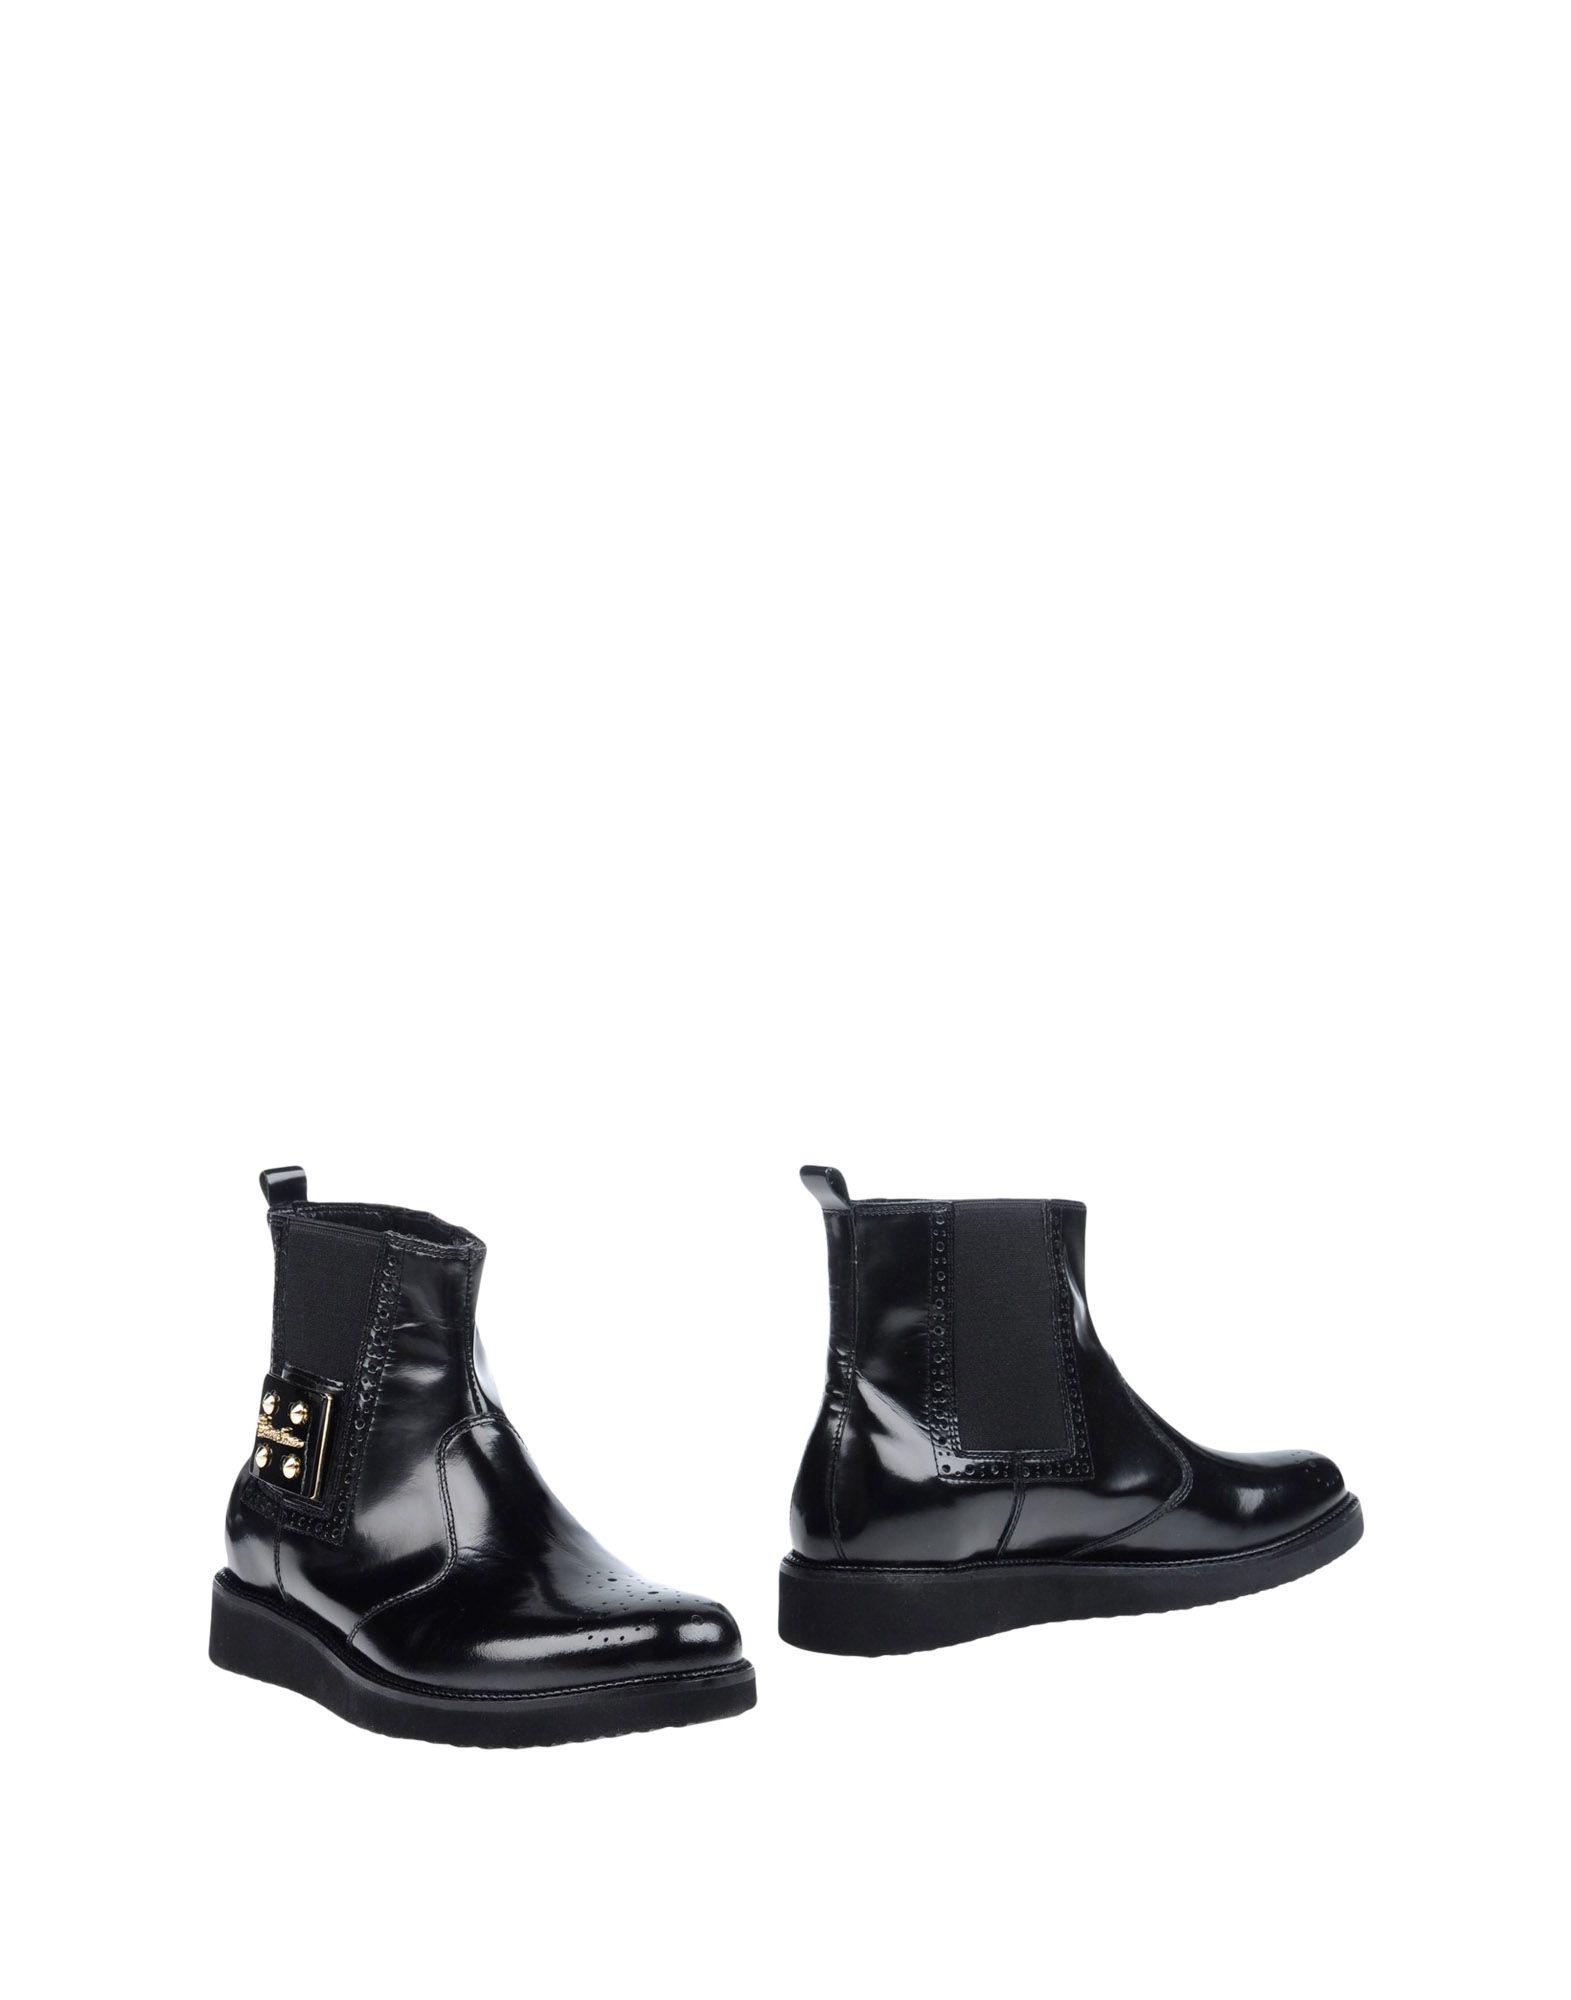 BRACCIALINI Полусапоги и высокие ботинки george j love полусапоги и высокие ботинки